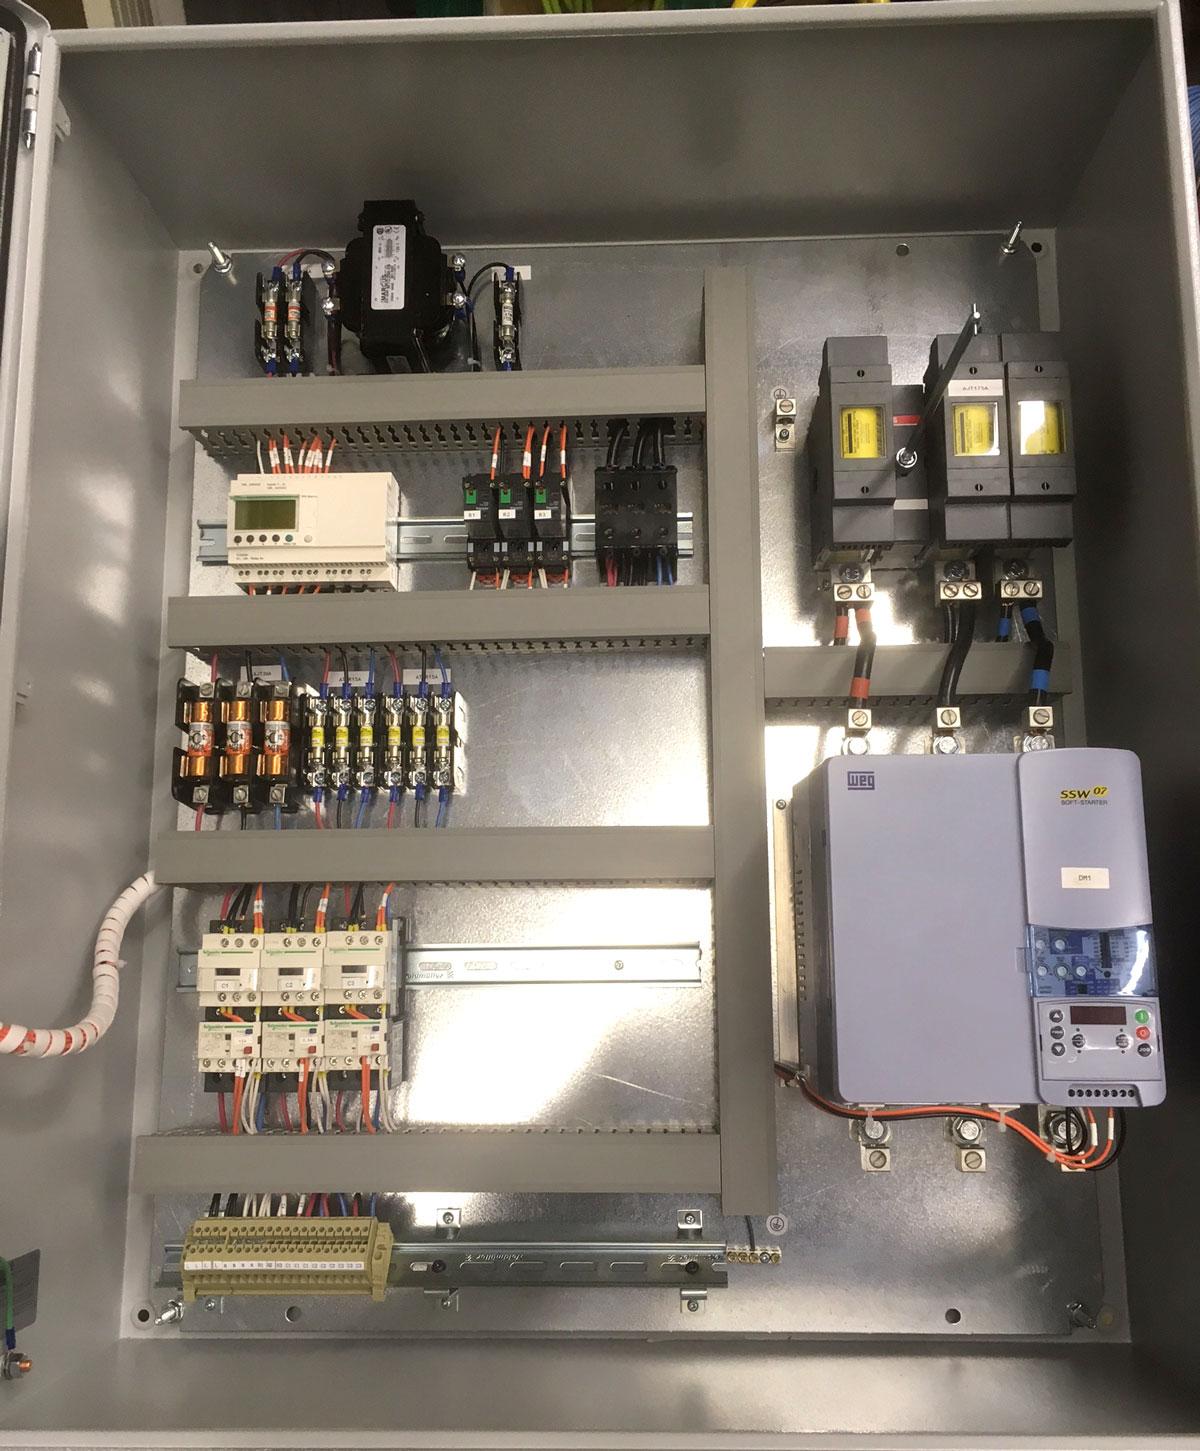 Panneau de contrôle - Electric Control panel